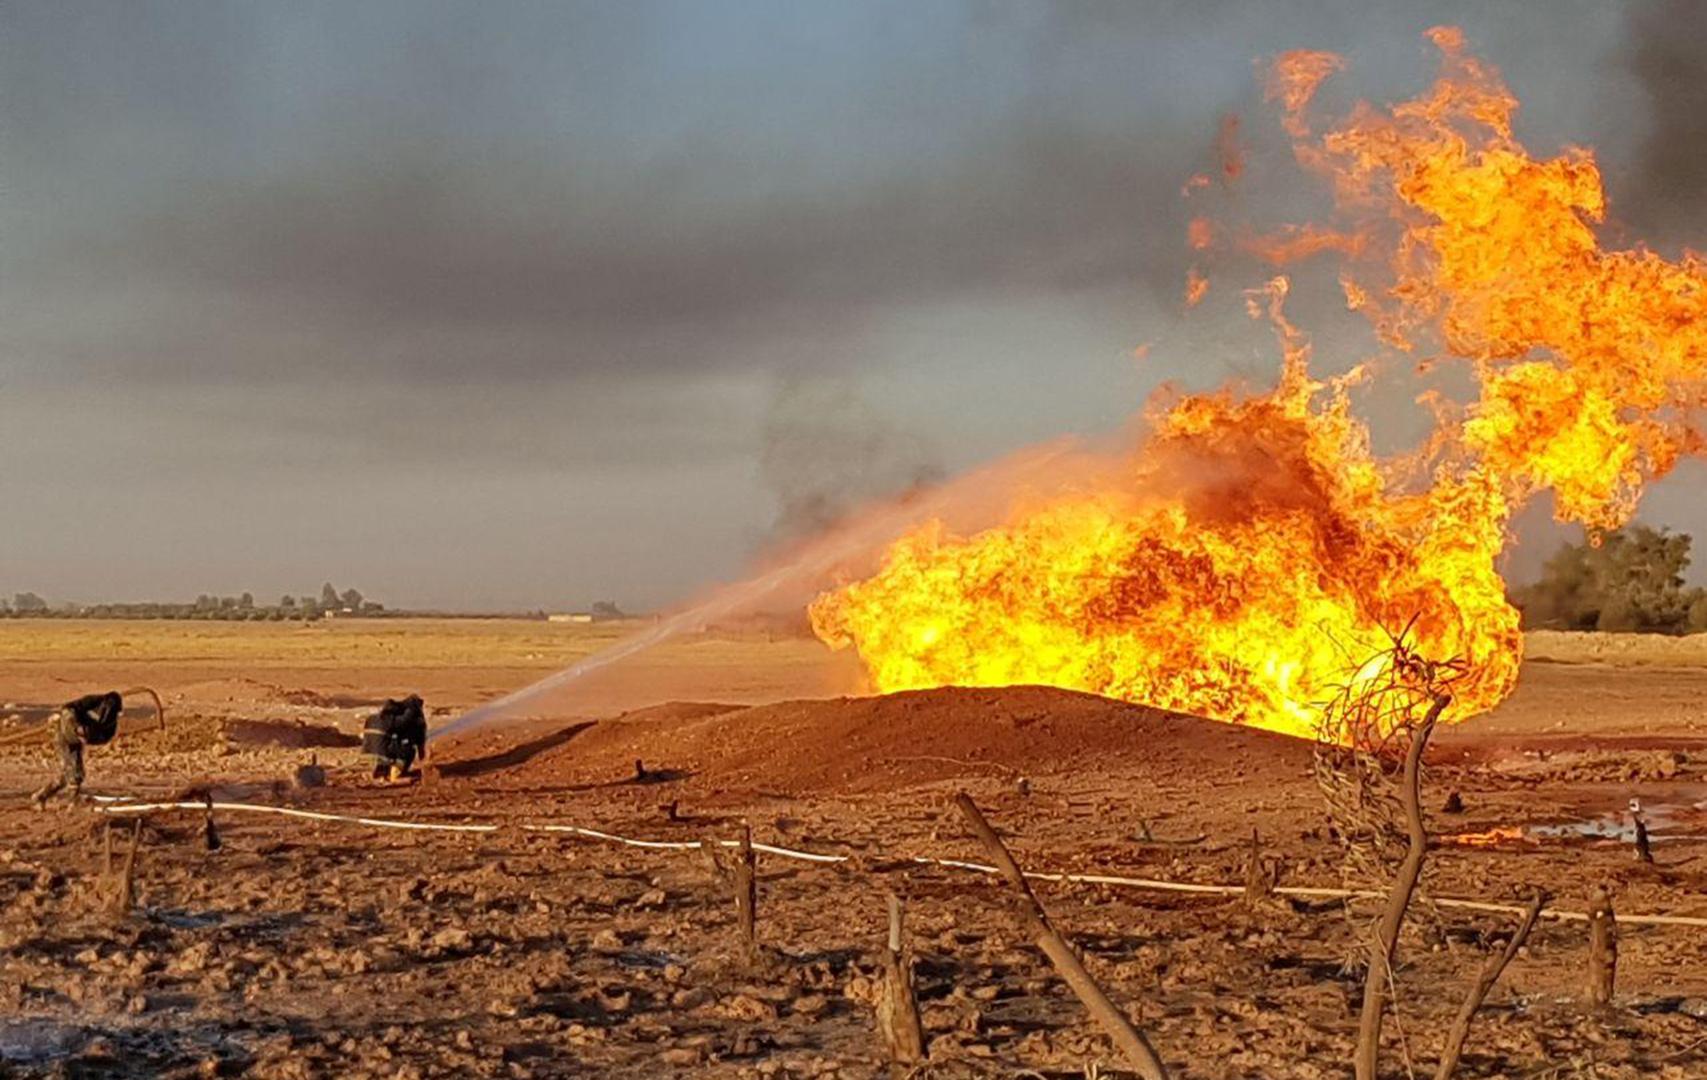 نشطاء سوريون: طيران مسير مجهول يقصف منشأة نفطية قرب الحدود مع تركيا